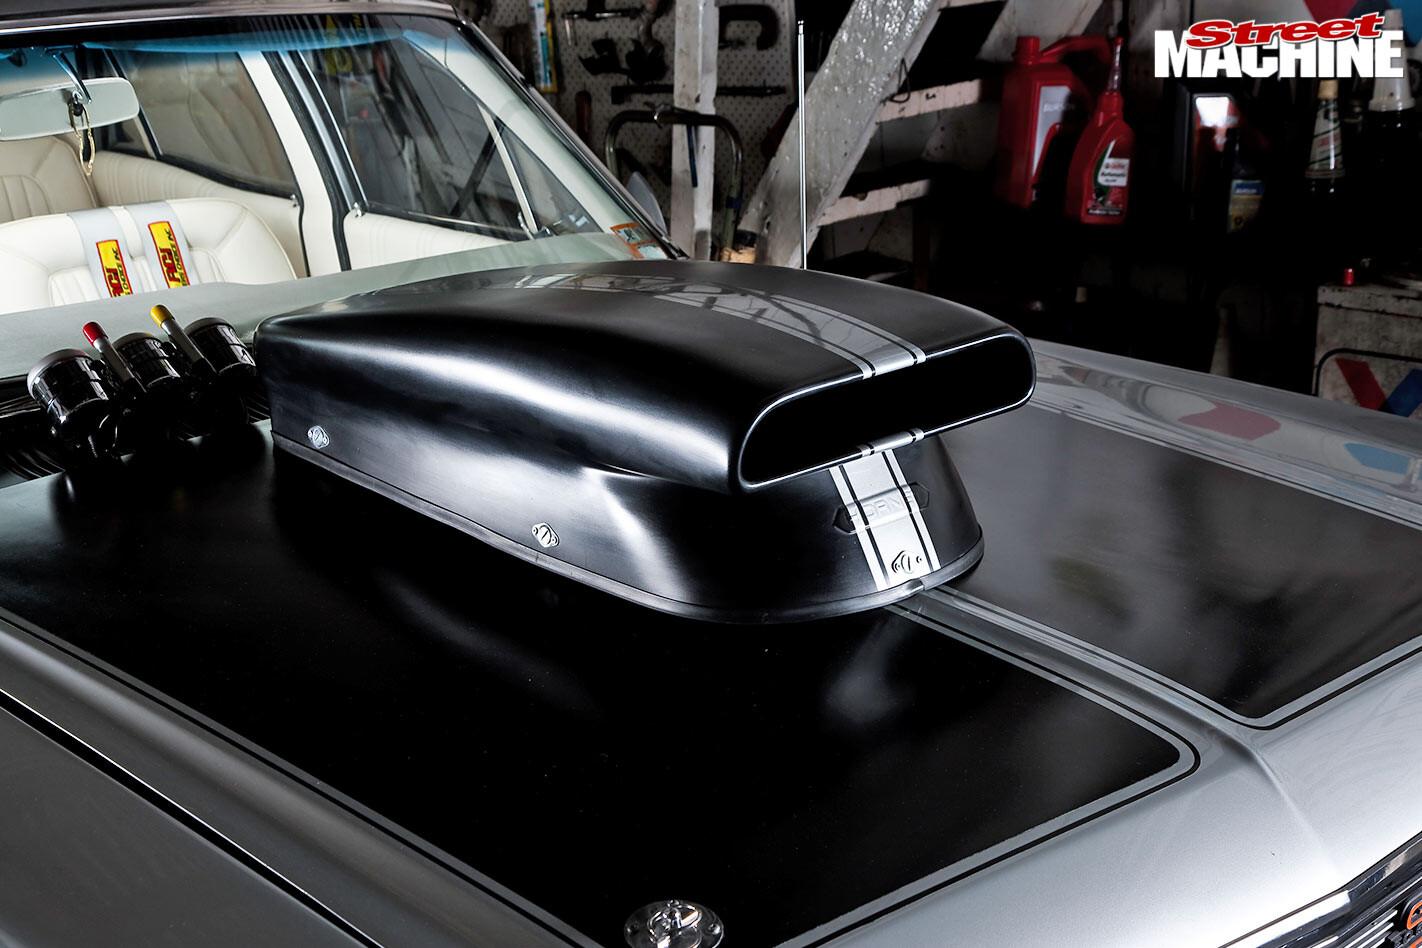 Ford Falcon XW bonnet